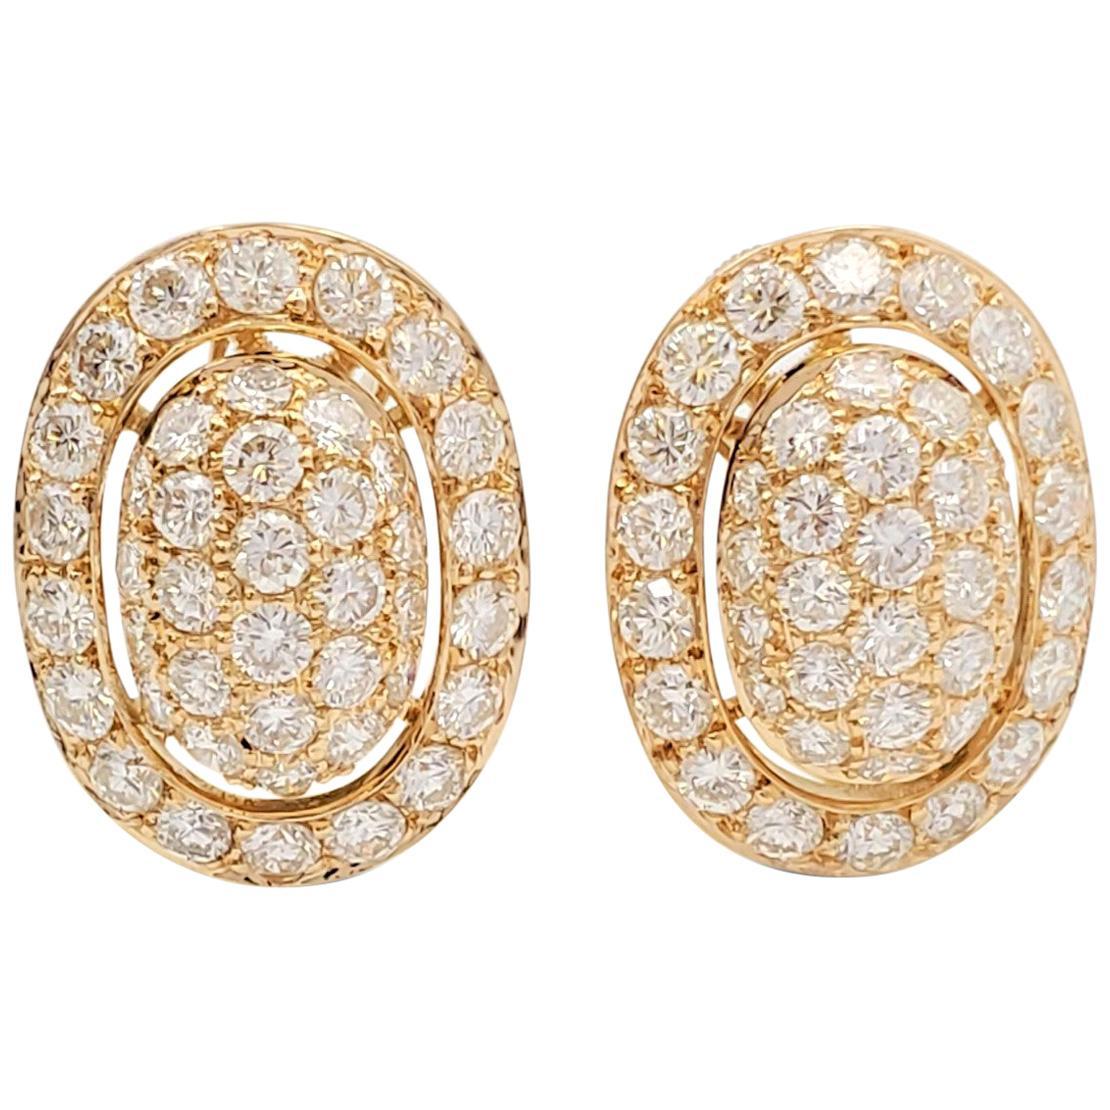 Cartier Paris Yellow Gold Pavé Diamond Earrings